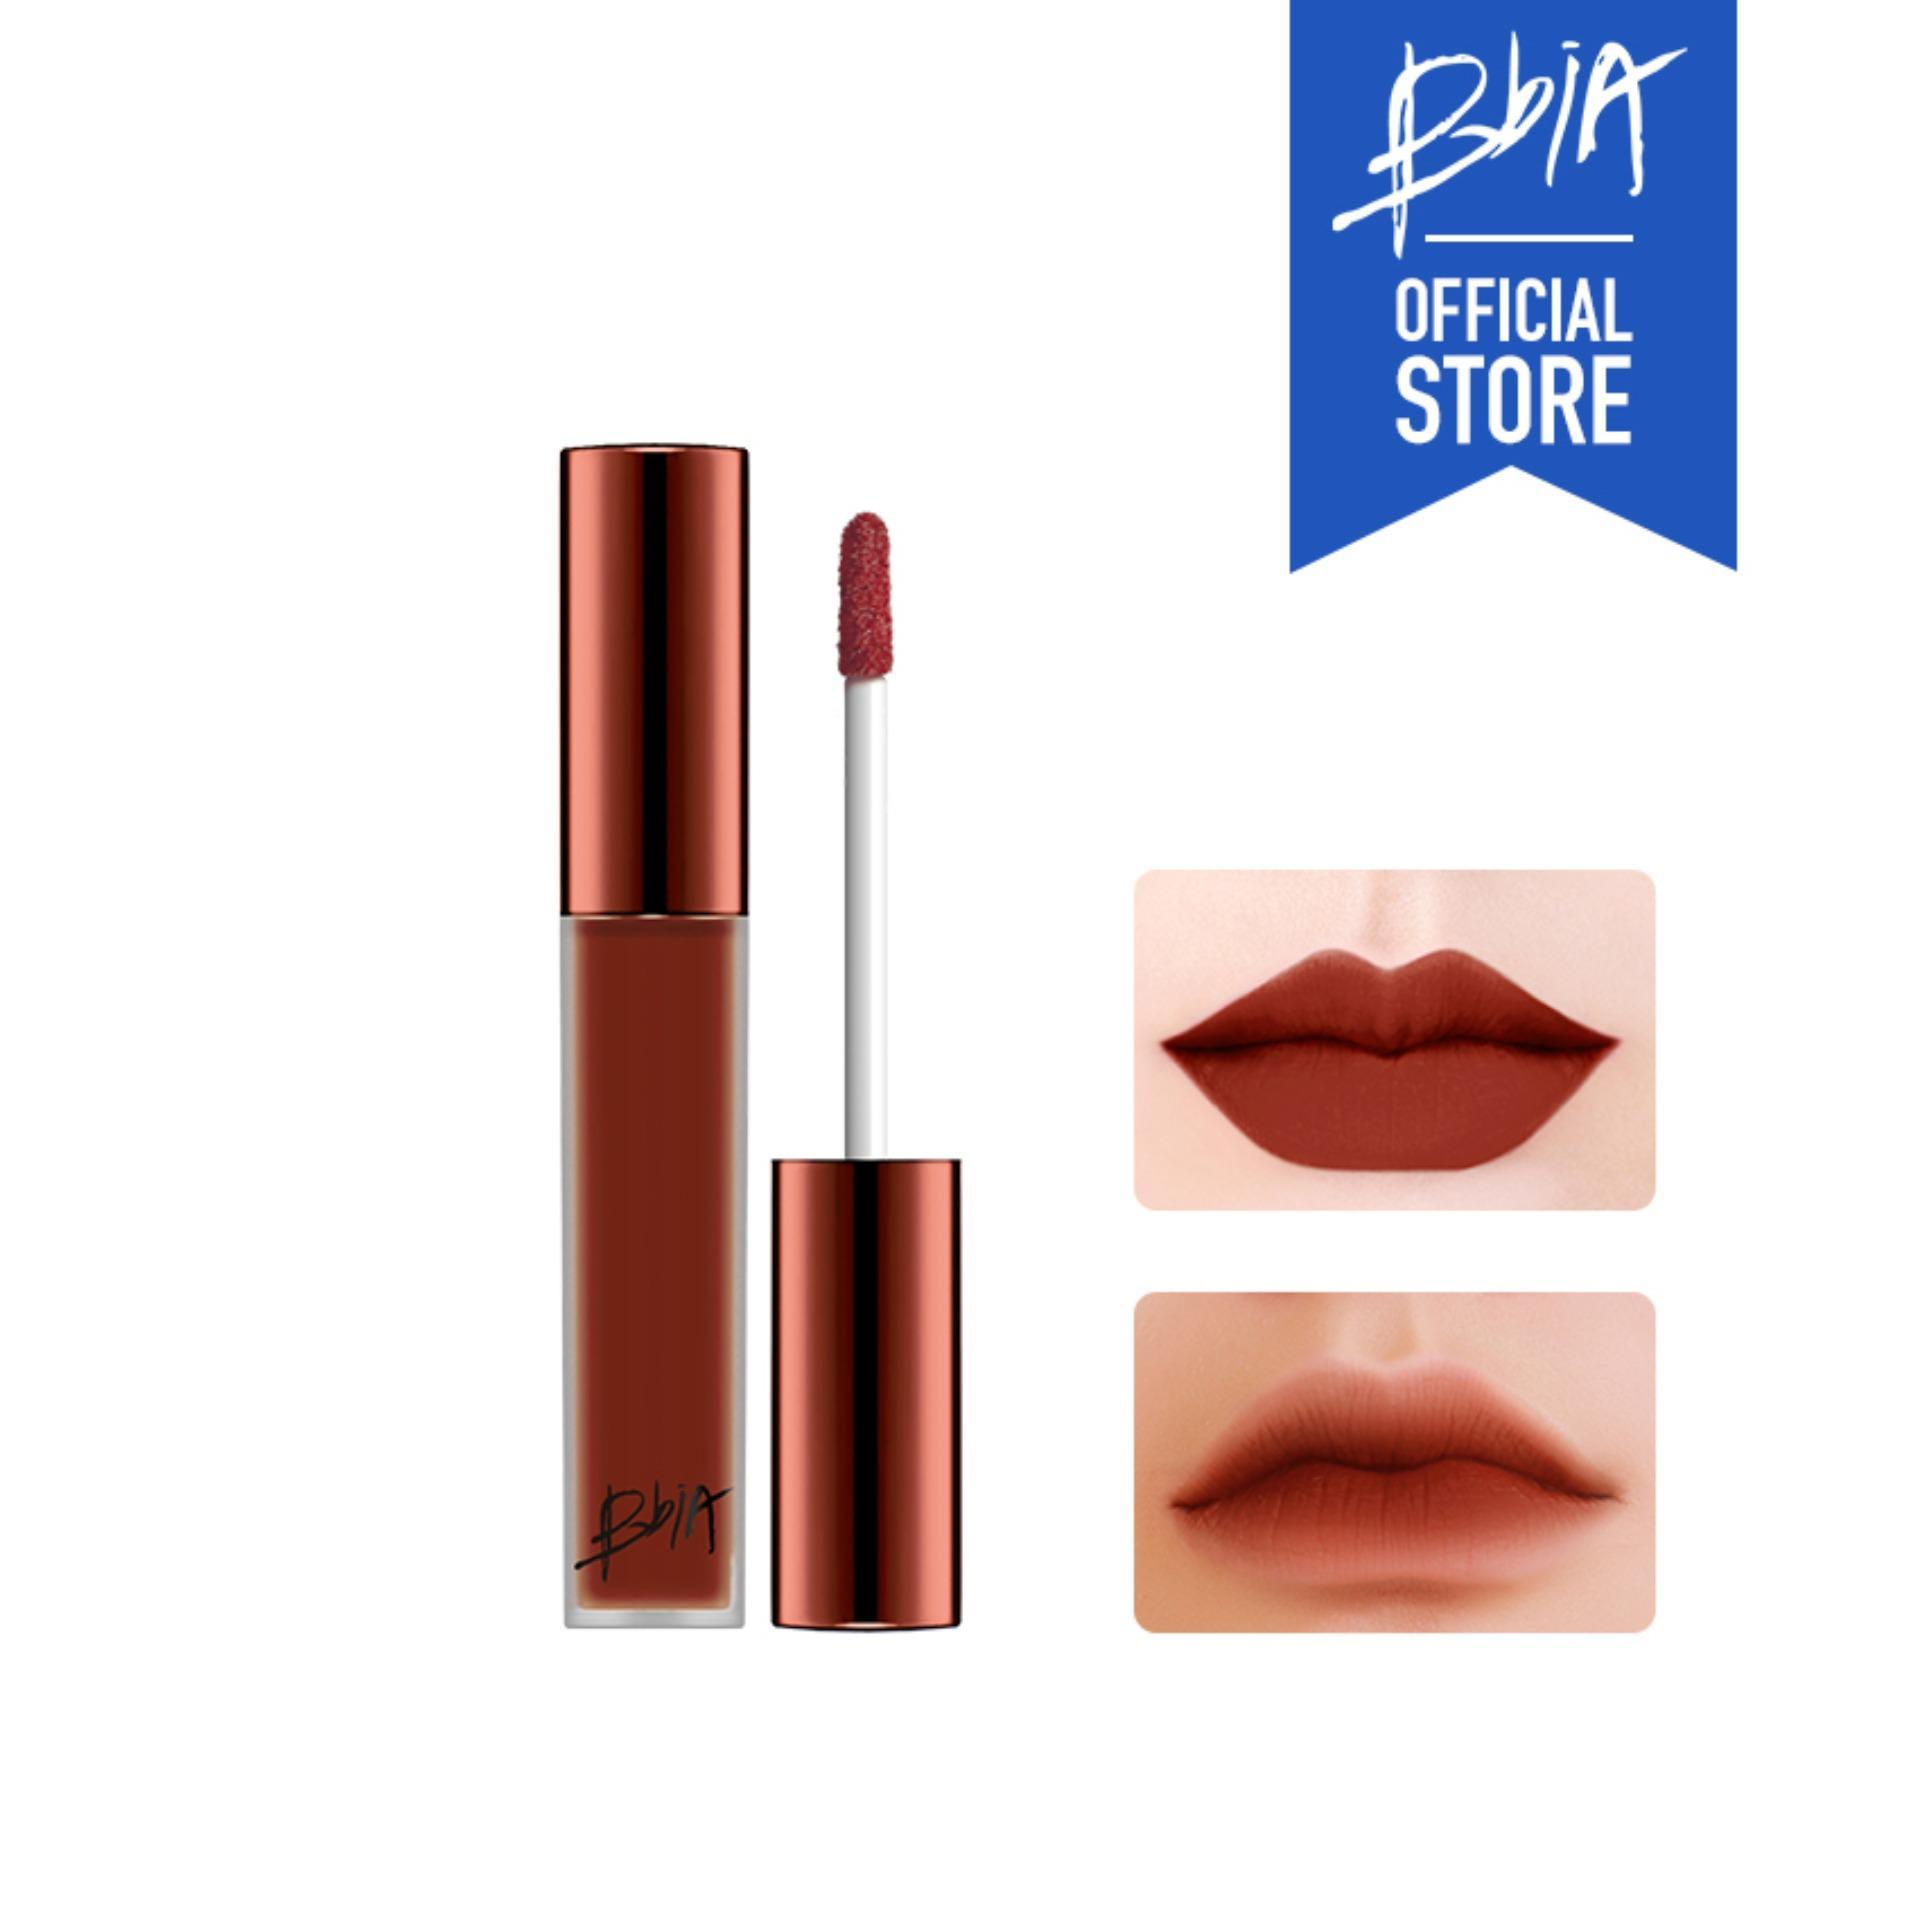 [BEST SELLER]  Son kem lì Bbia Last Velvet Lip Tint Version 5 - 25 Final Note  (Màu Đỏ Nâu Đất) tốt nhất